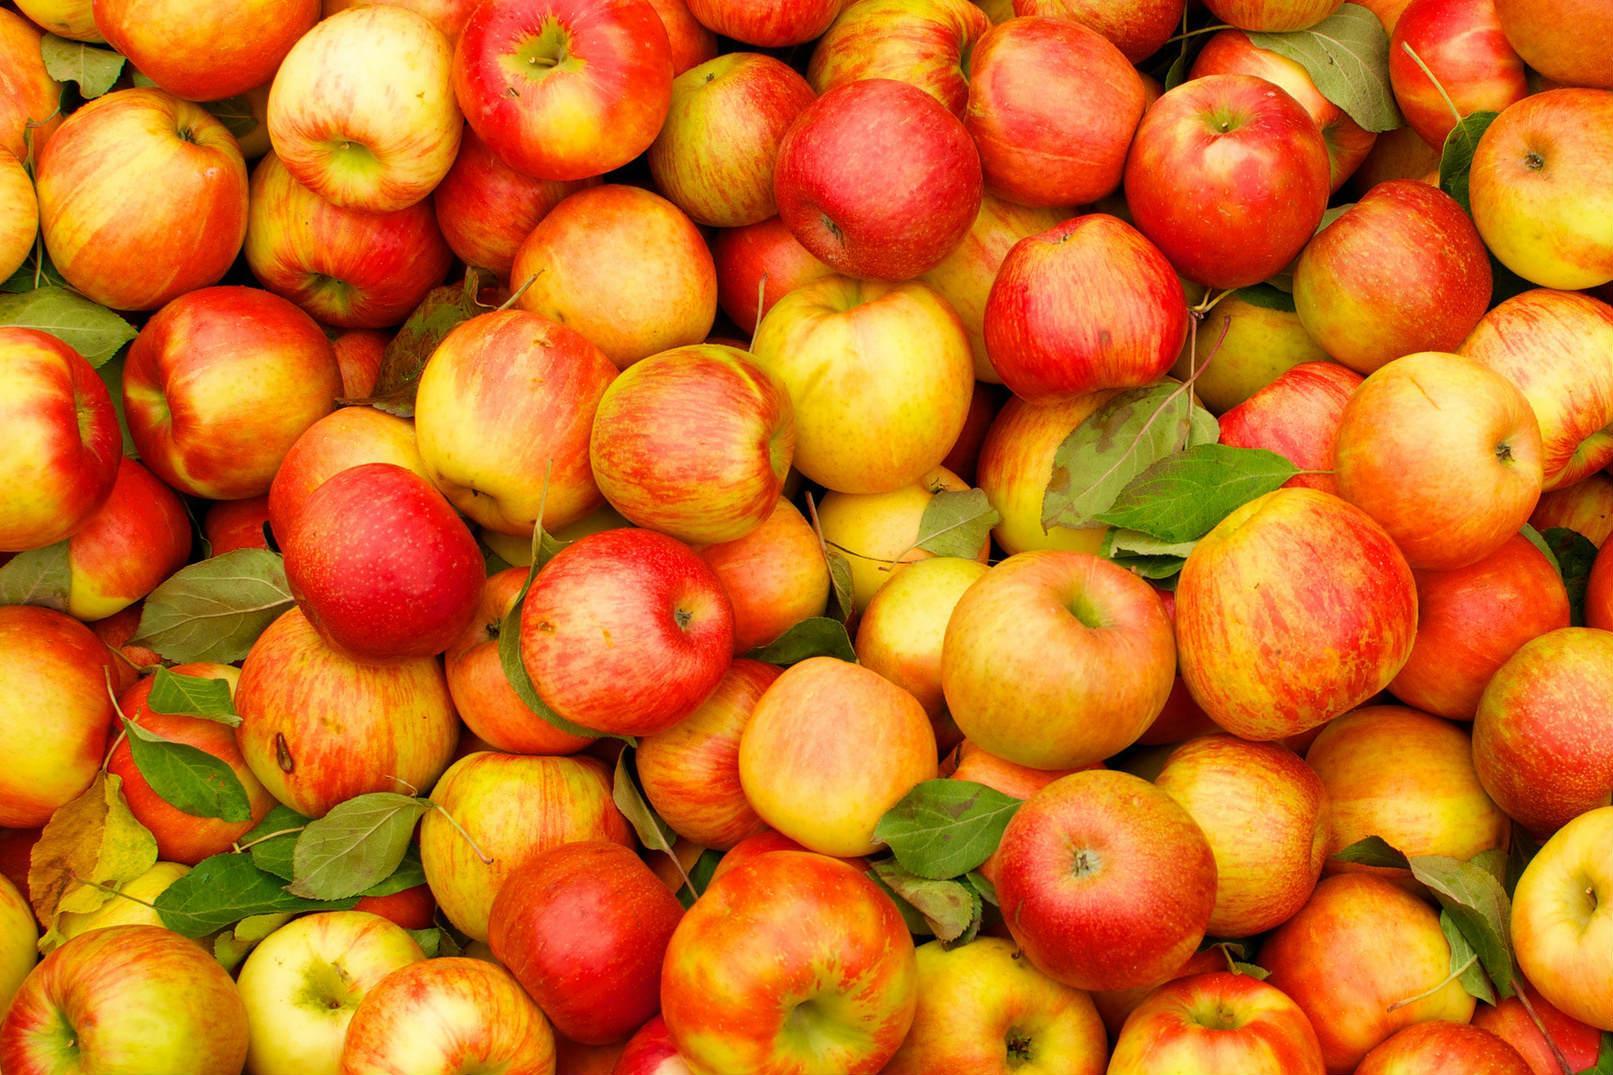 """Пілінг яблучною масою і ванна з соком: на Вінниччині реалізують проект """"Яблуневий шлях"""""""